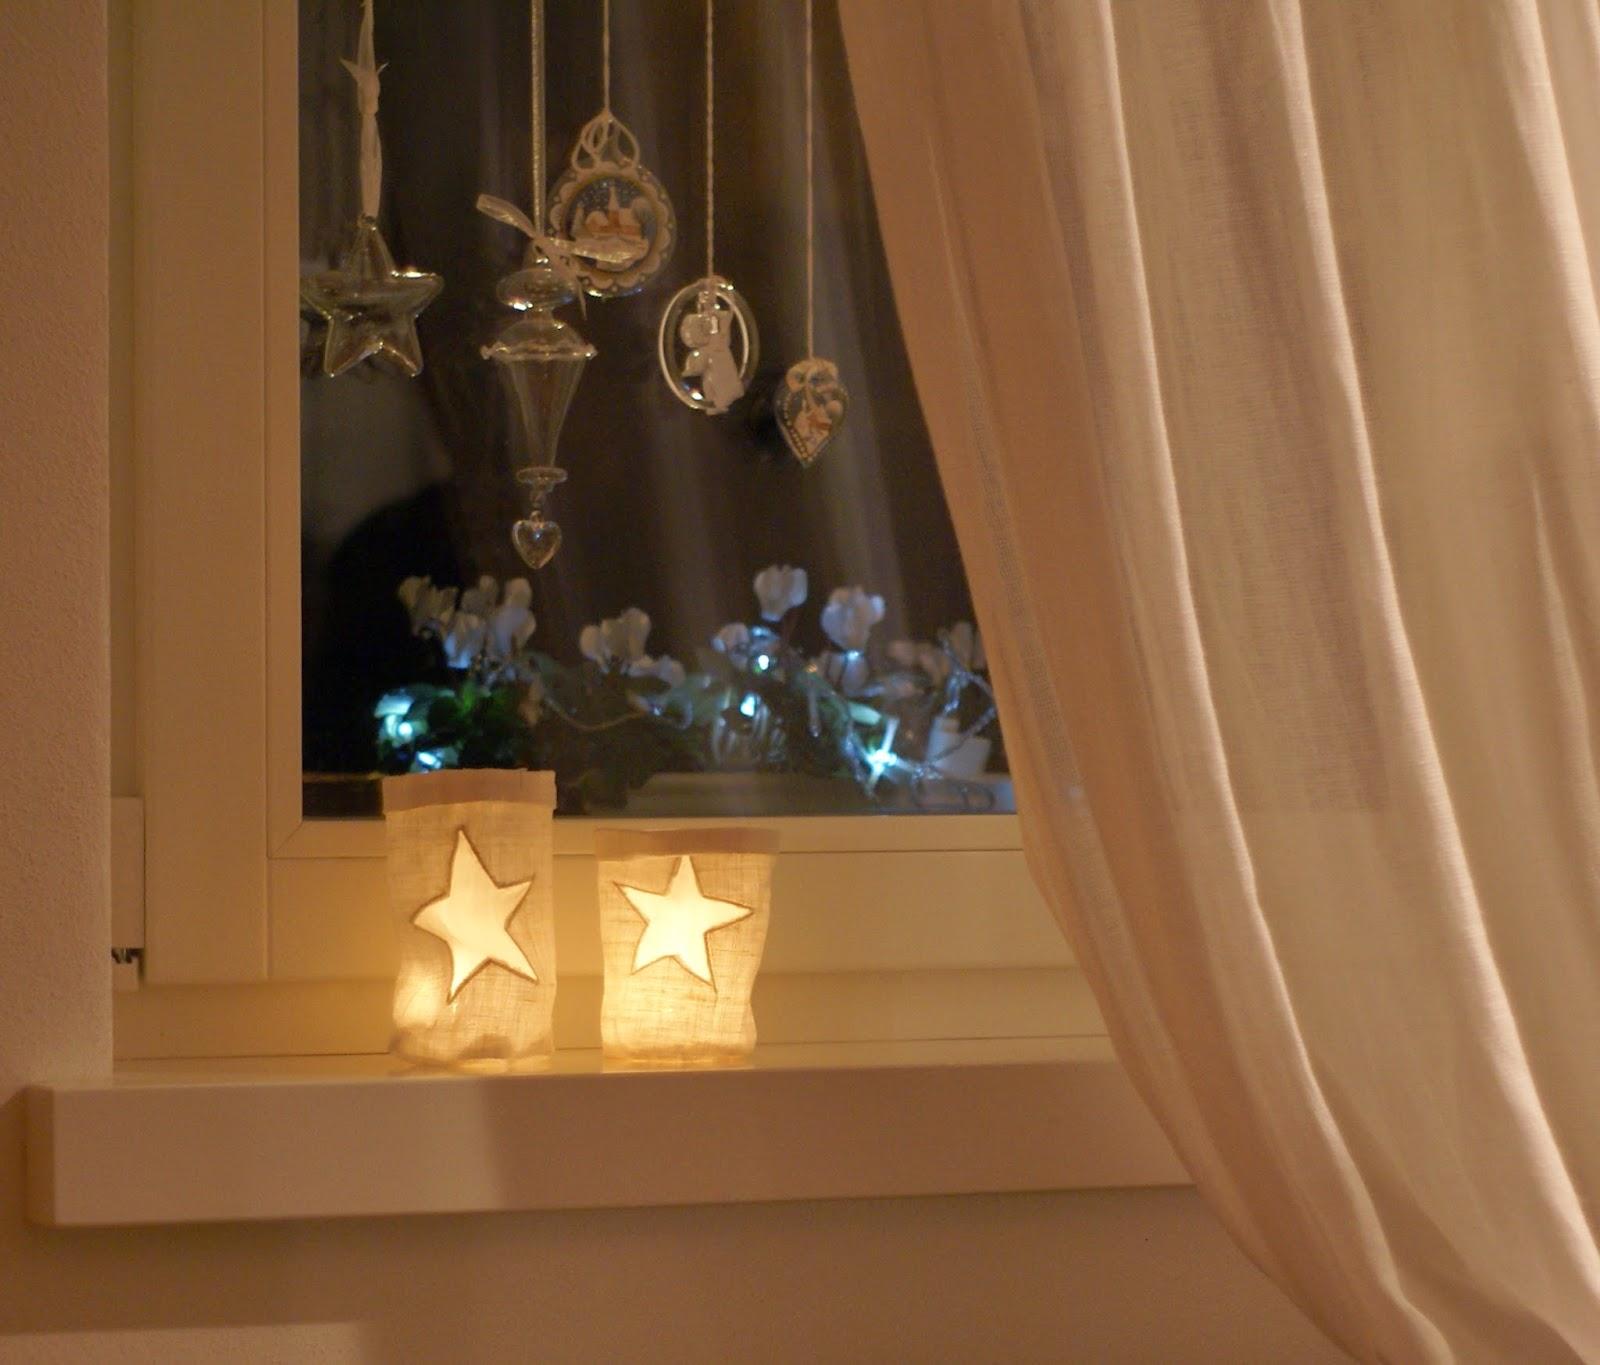 La malle de maman candele alla finestra per natale al verde - Addobbi finestra natale ...